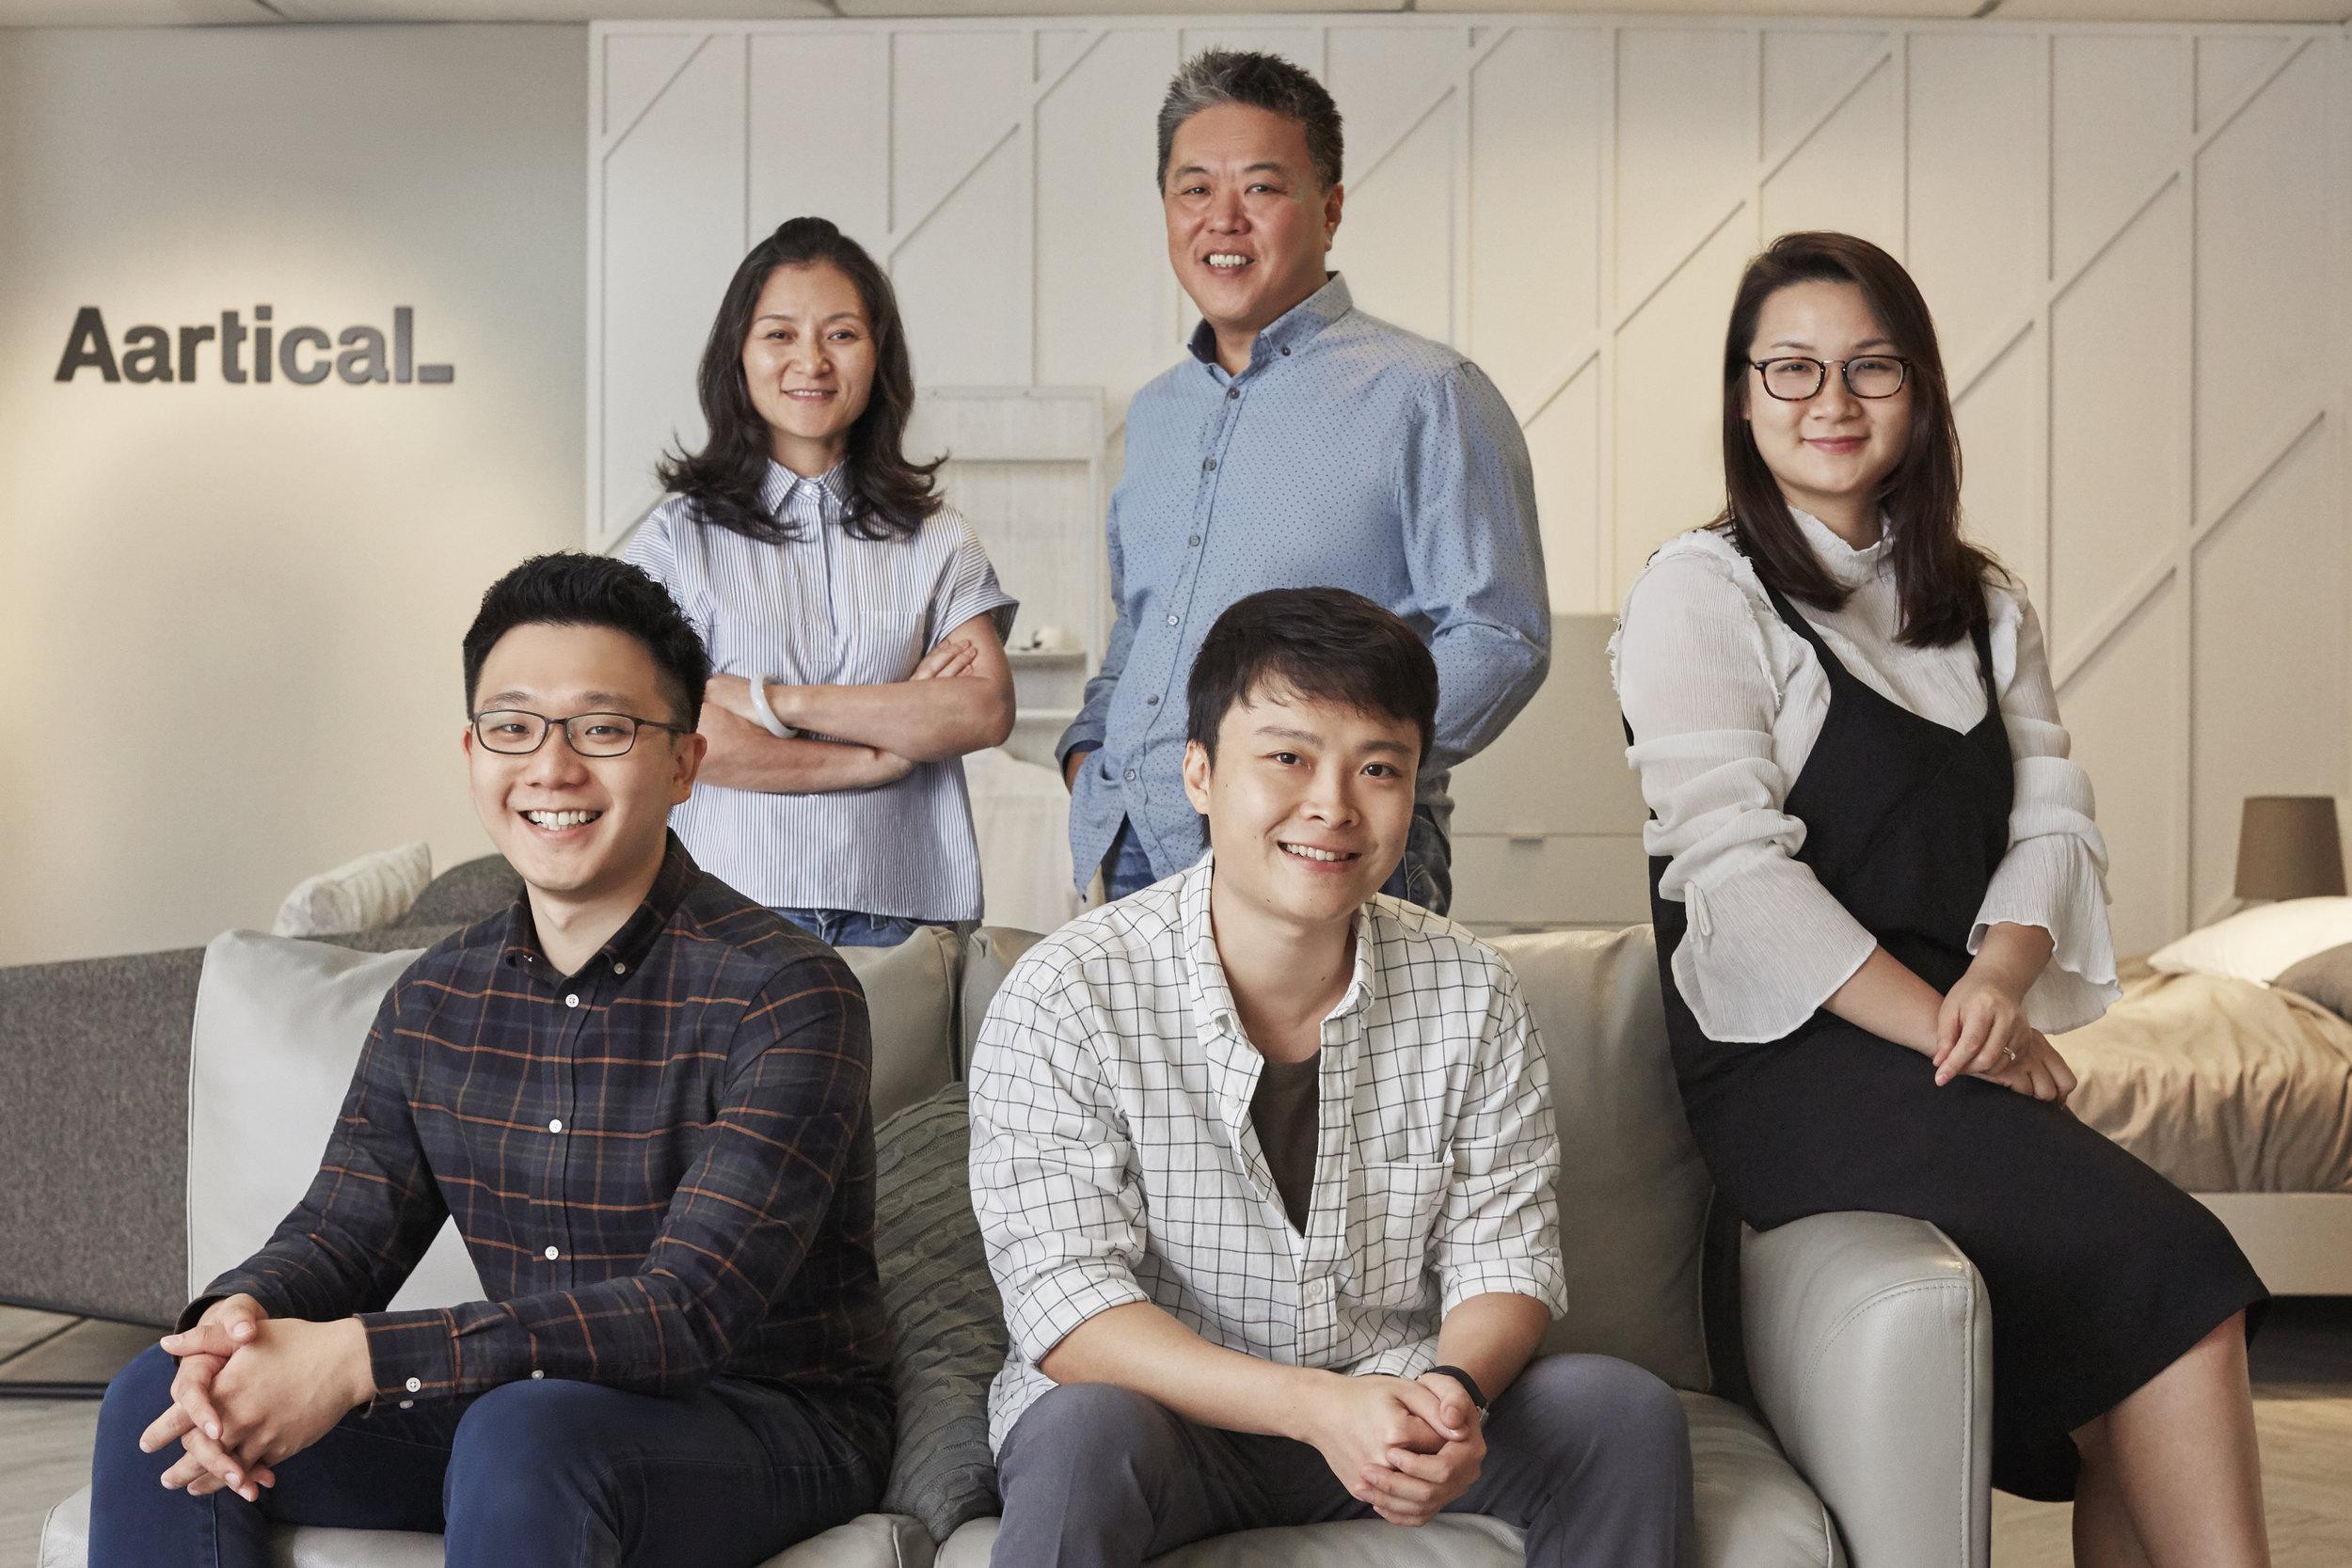 Design & Development Team - Toh Teng SengZhang Wen XianAmos GohPang Min HuiEliza Guo